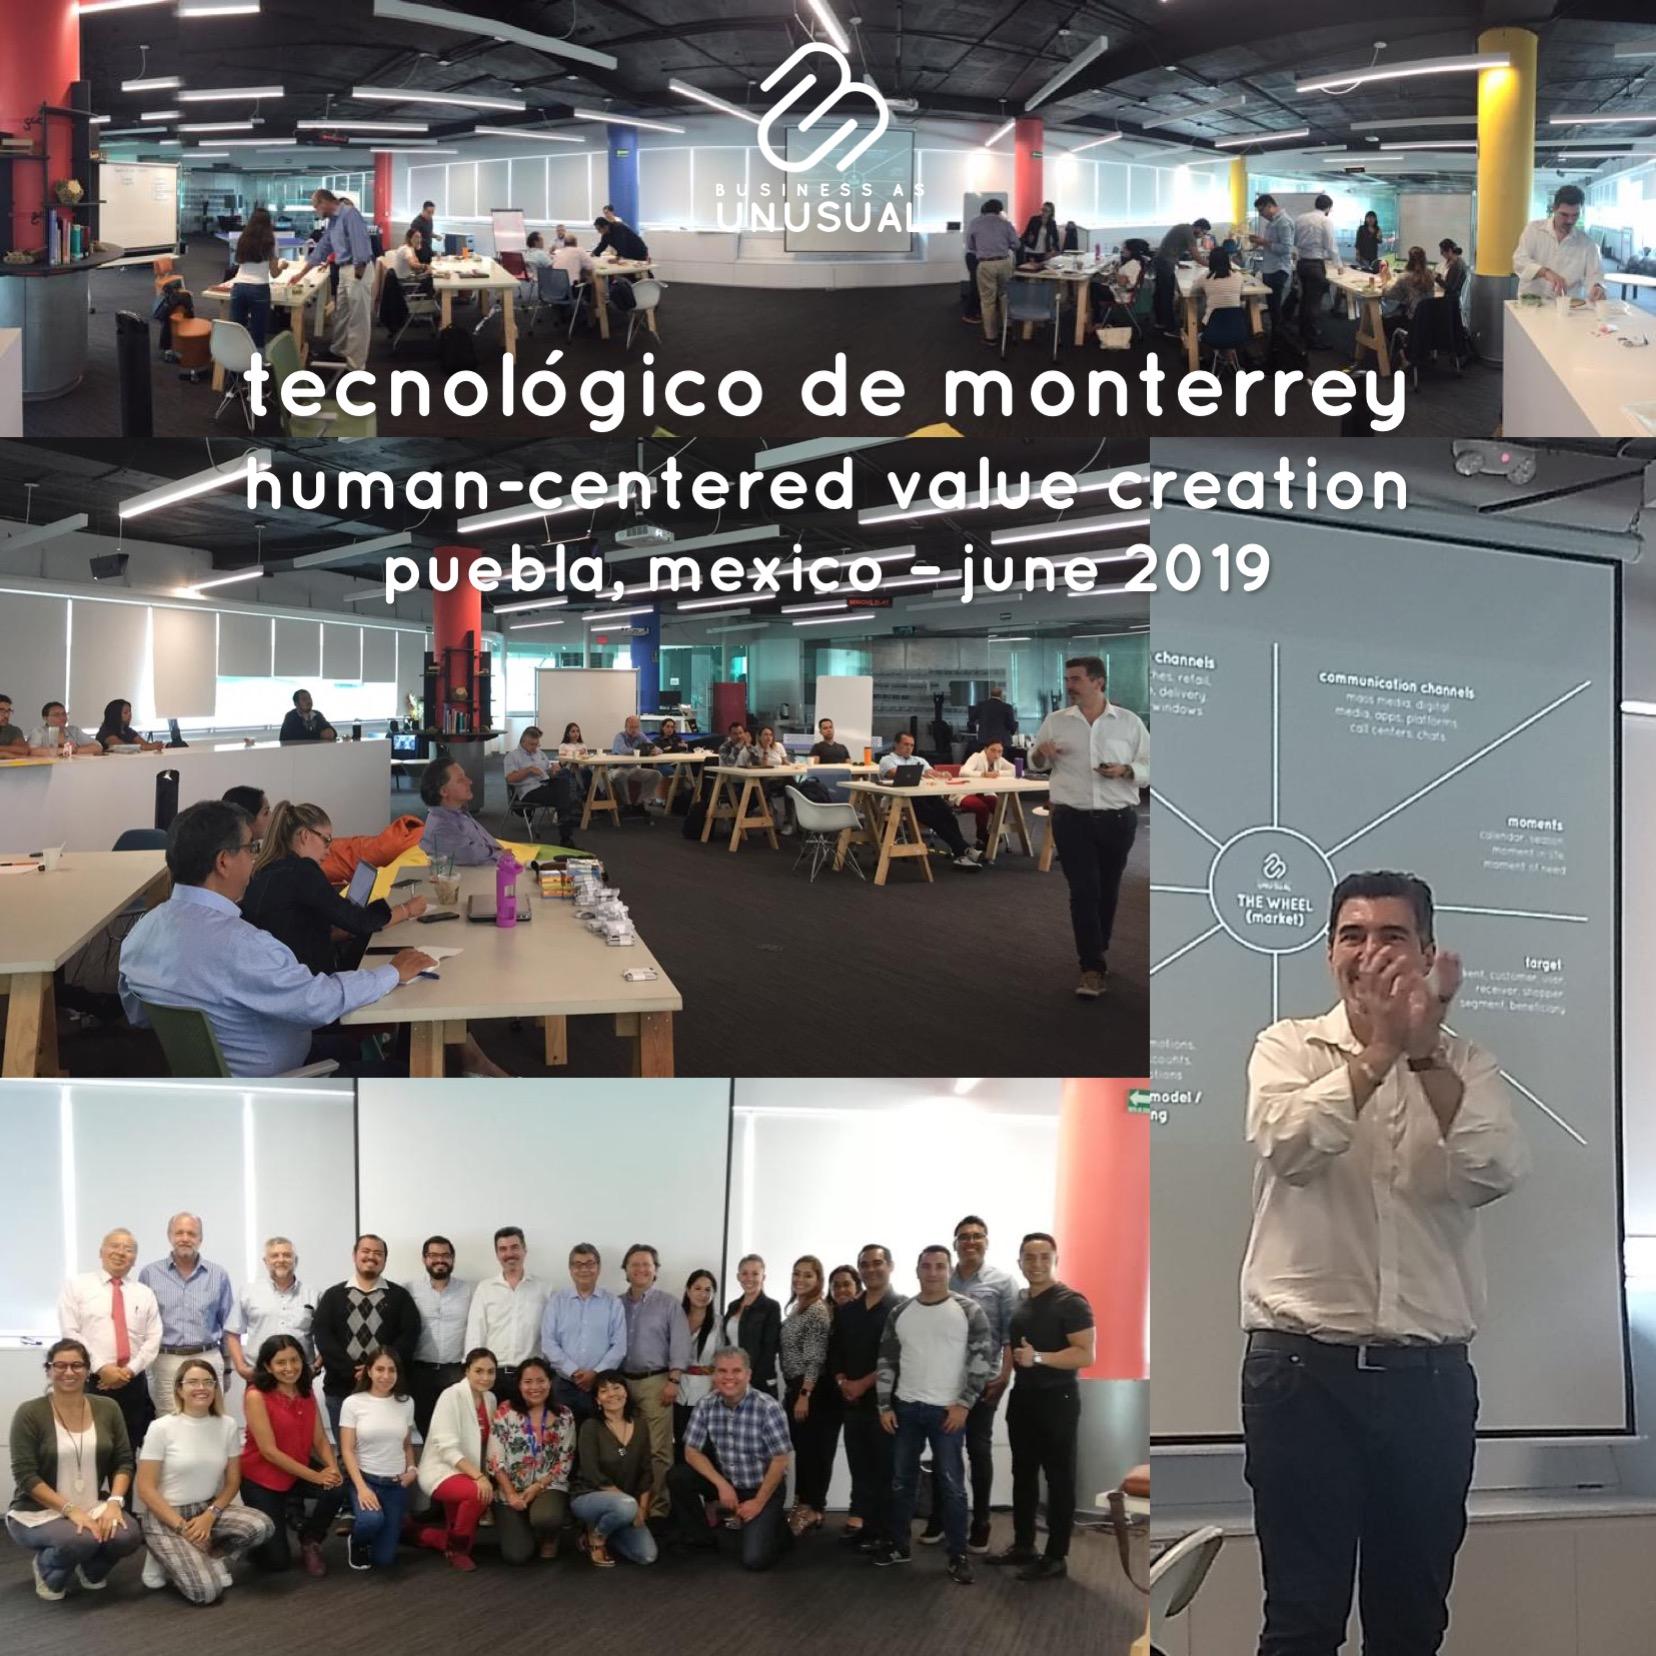 Instituto Tecnológico de Monterrey - Human-Centered Value Creation - Puebla Mexico June 2019